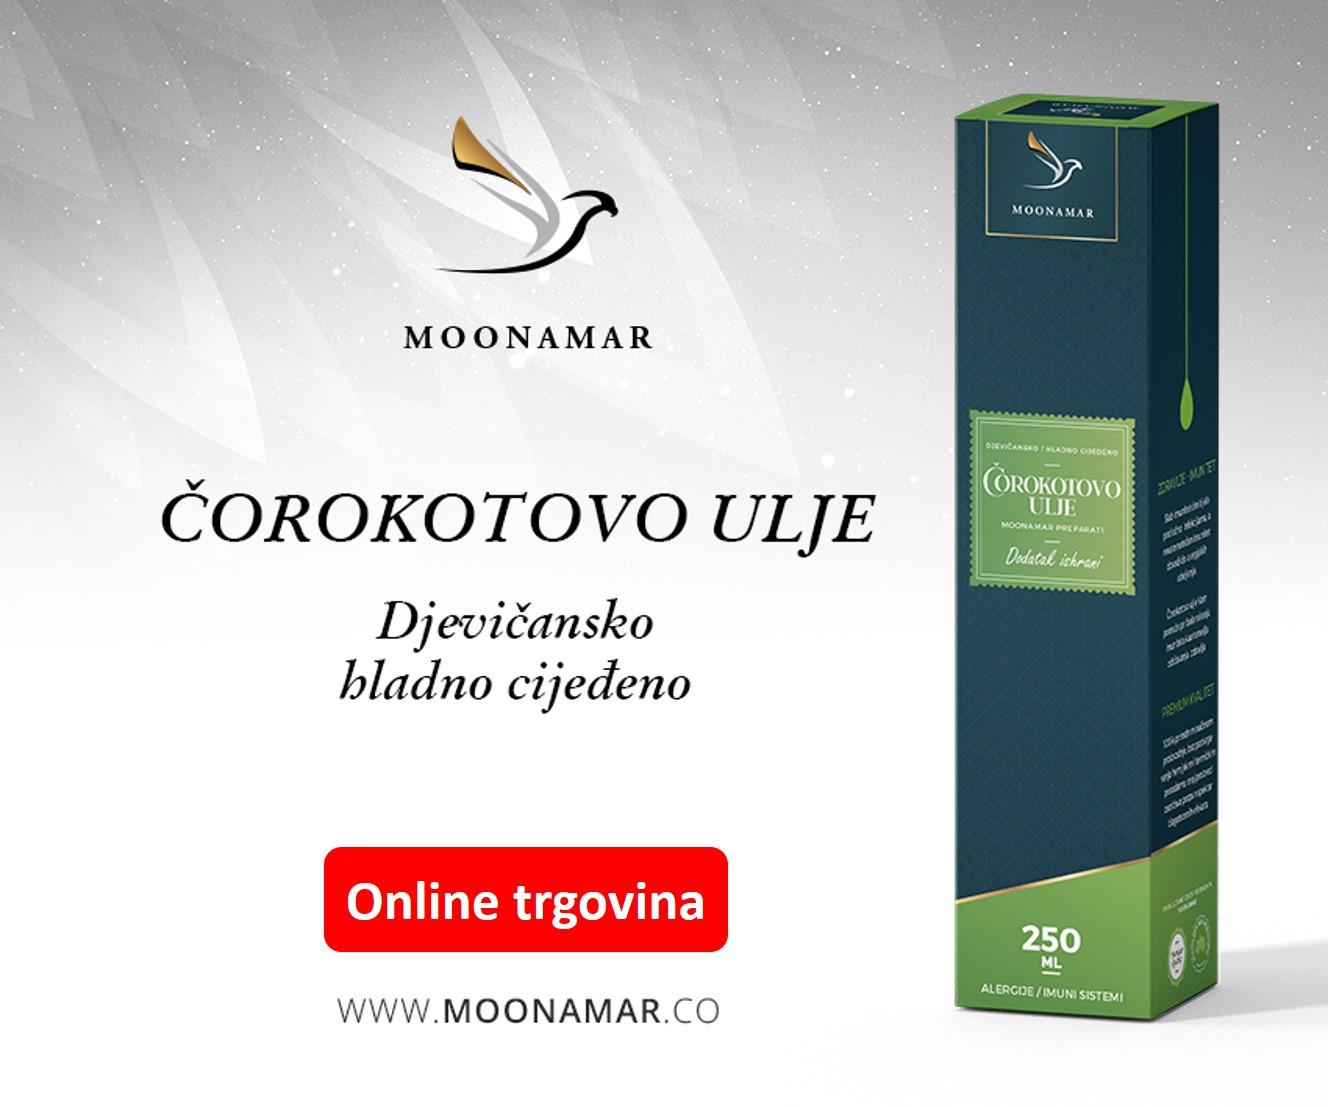 Gdje kupiti kvalitetno corokotovo ulje? Online trgovina